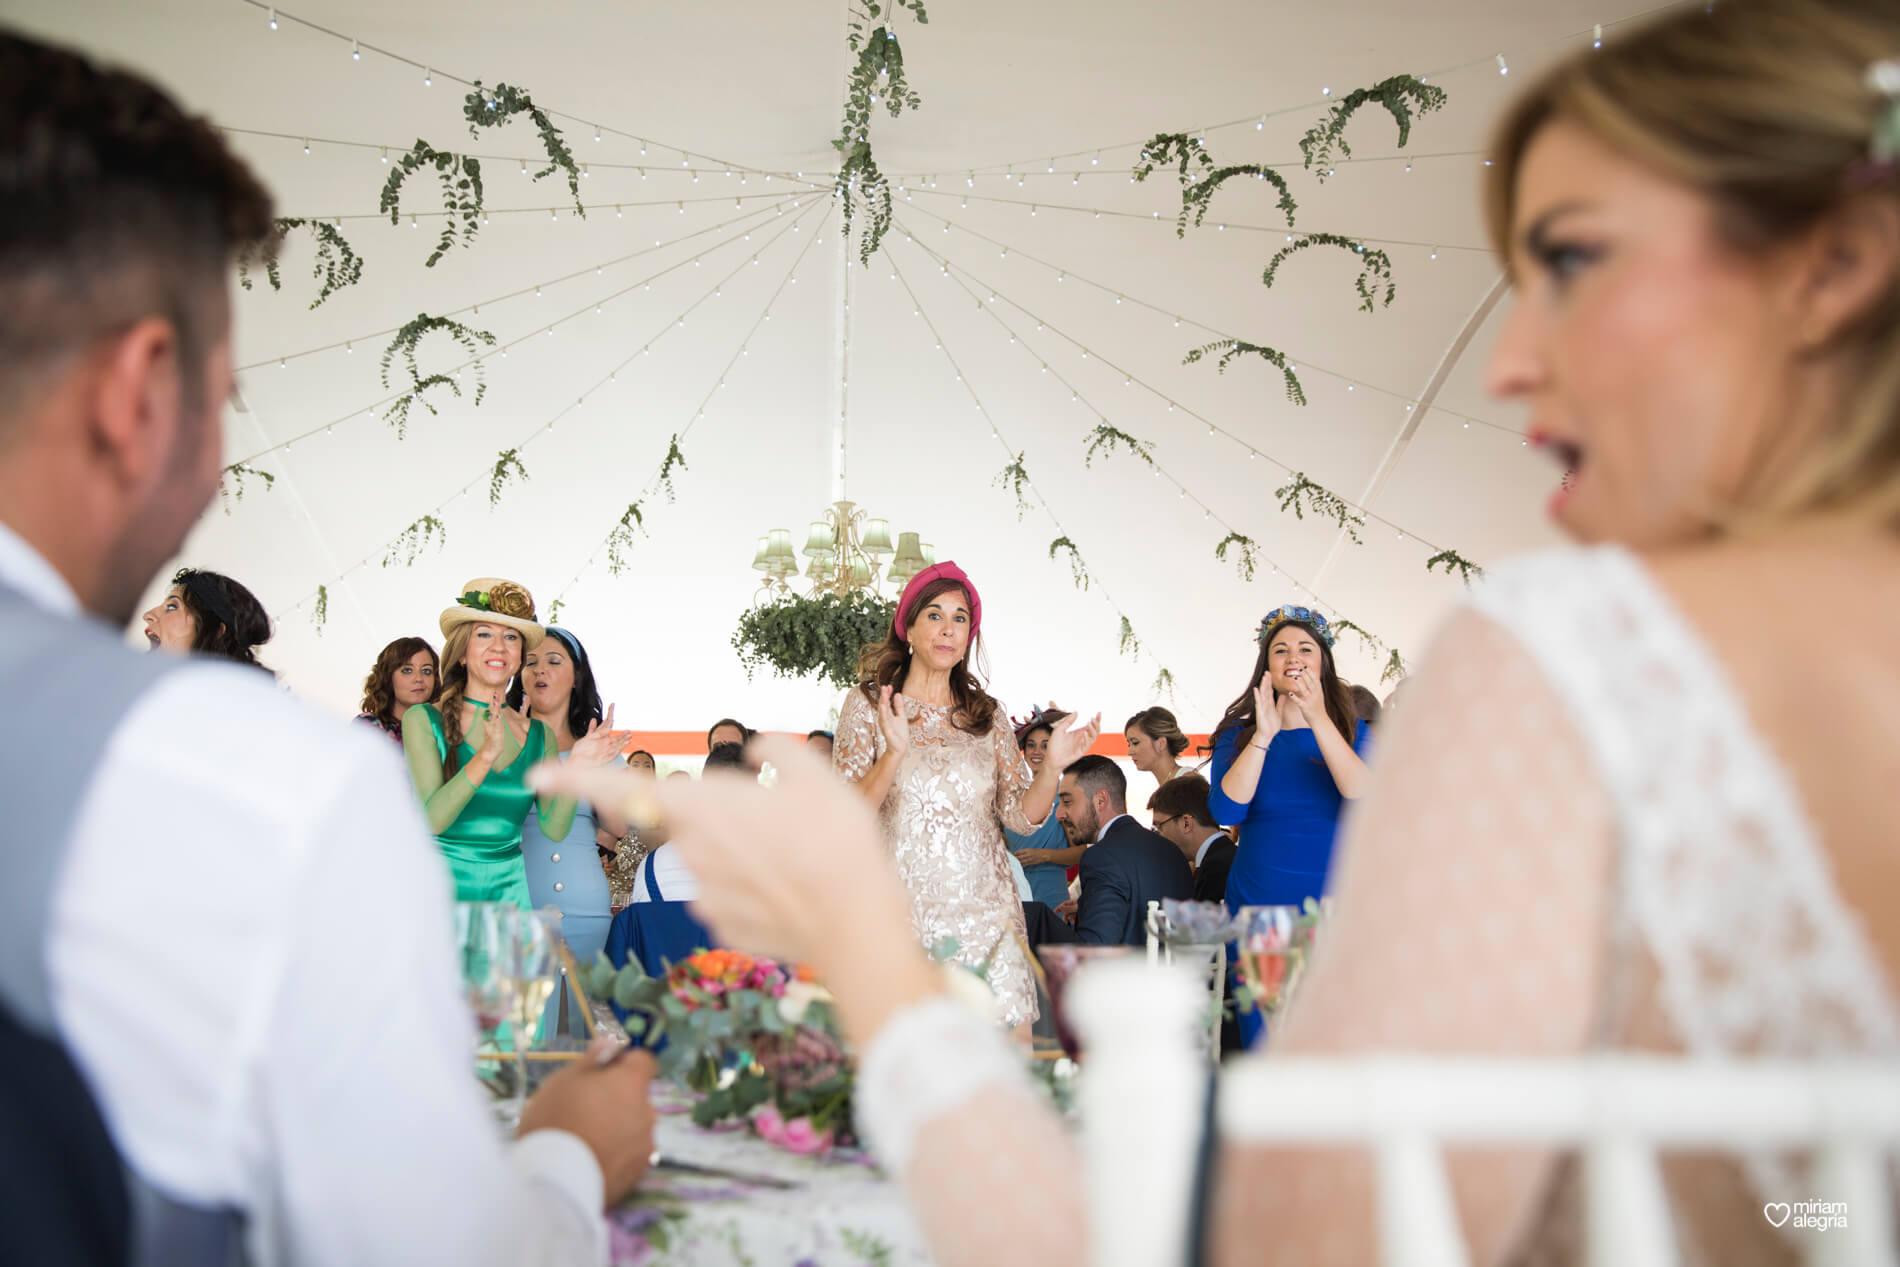 boda-en-finca-villa-vera-de-alemc7-miriam-alegria-fotografos-boda-murcia-162